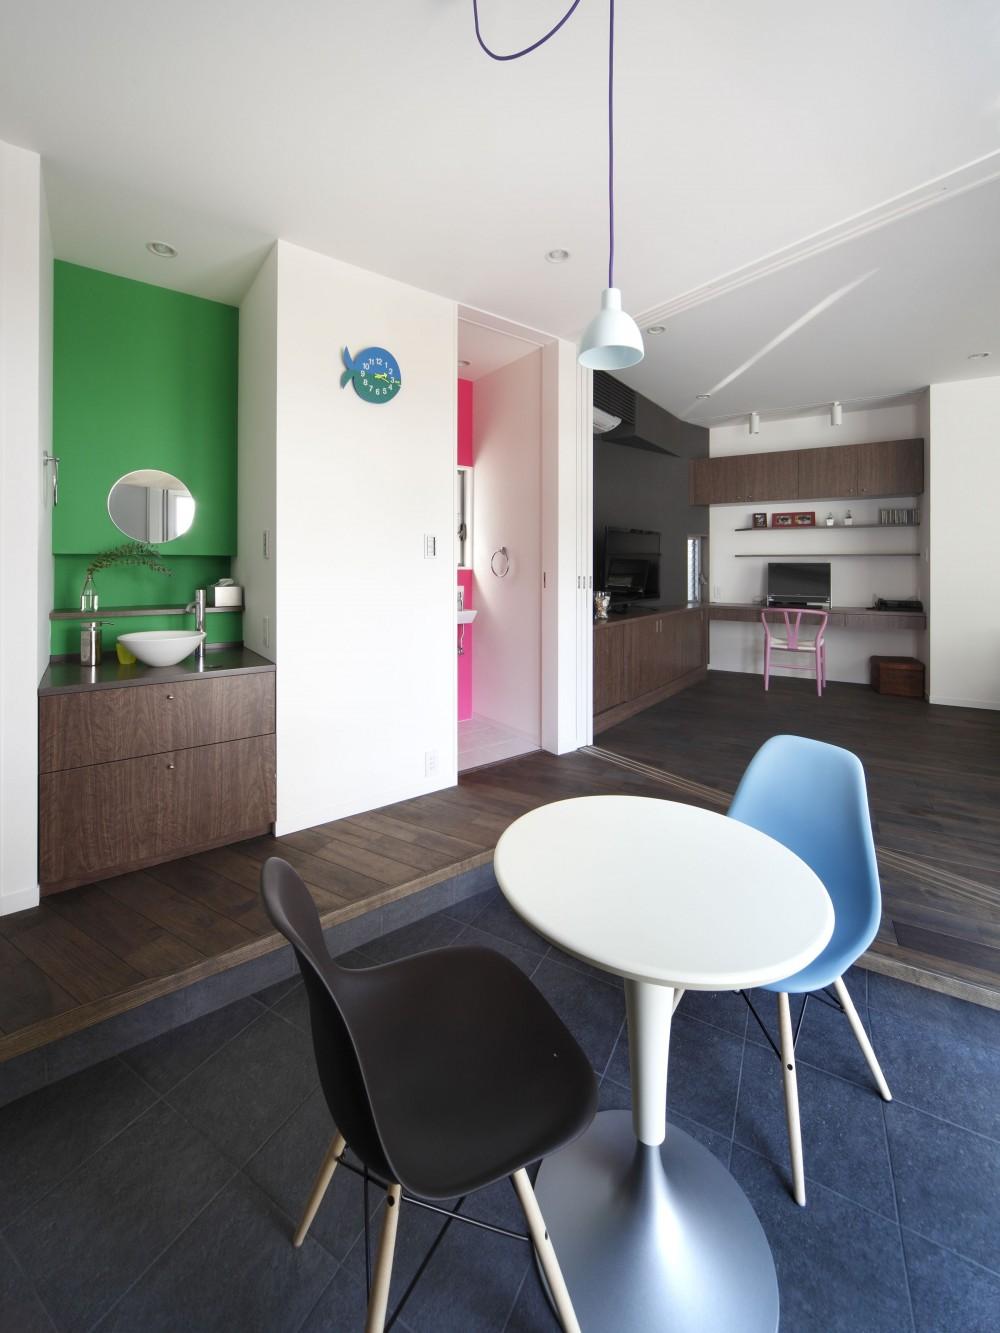 一級建築士事務所アトリエm「あちこちでお茶できる家 -土間のある玄関-」